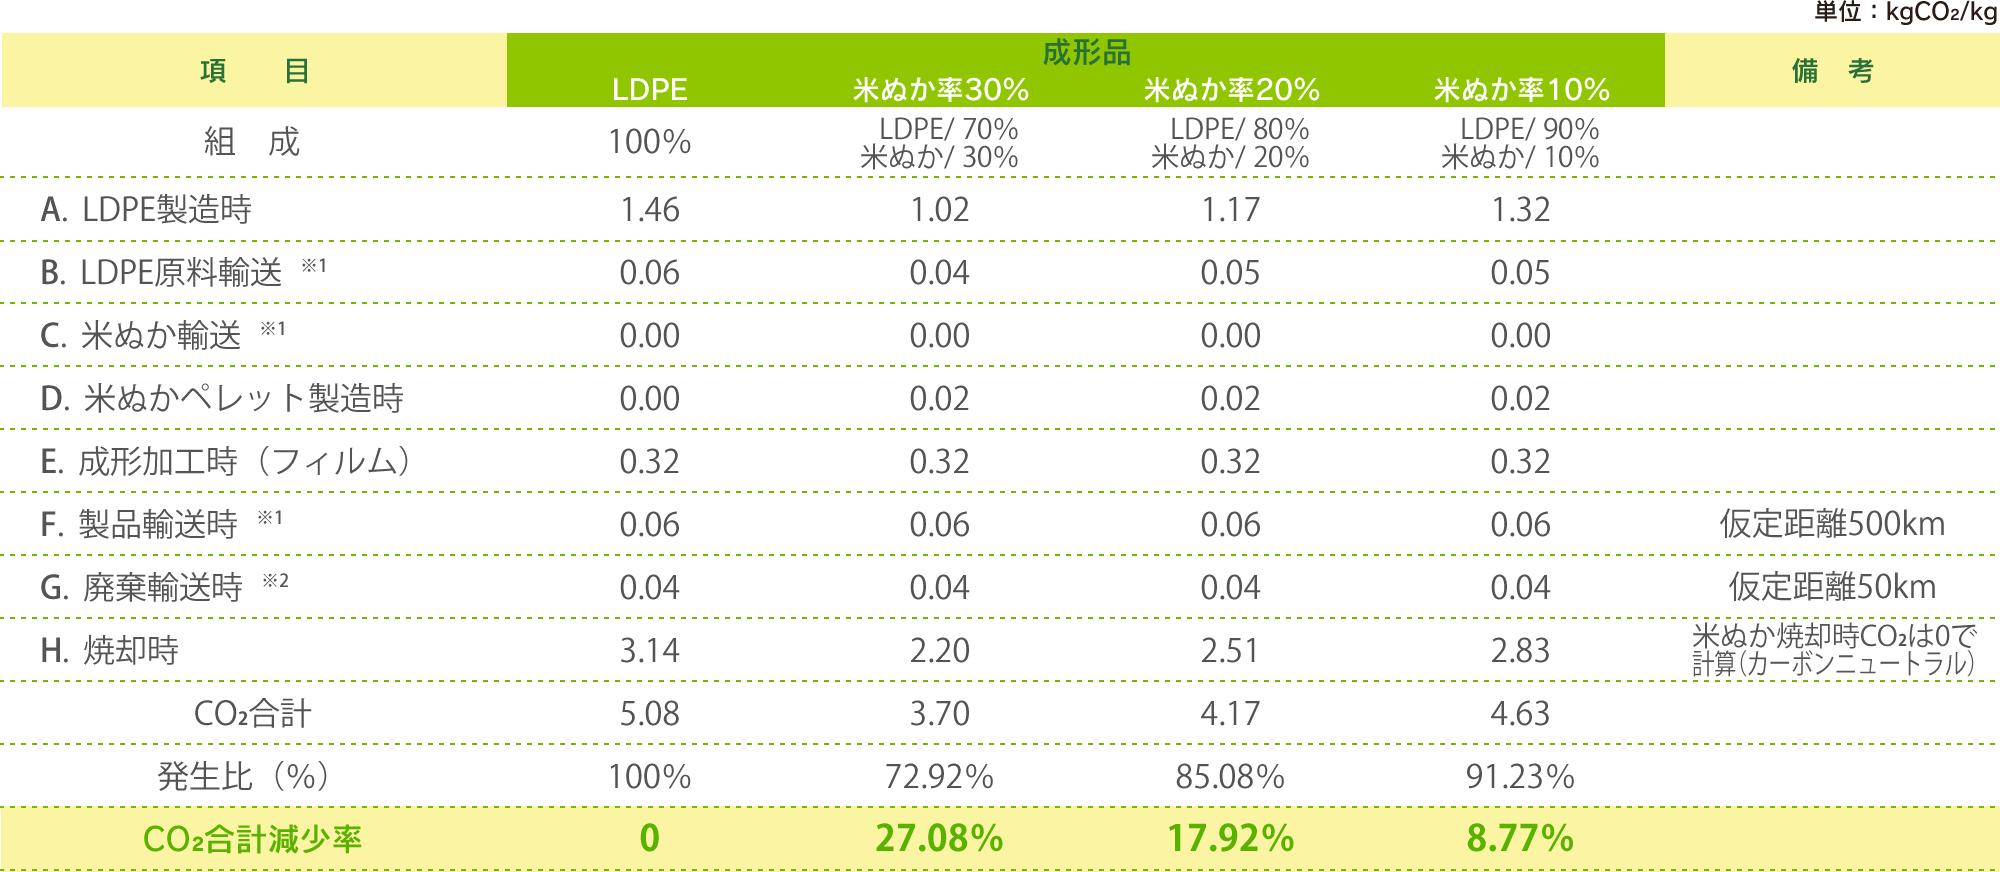 LDPE製品と米ぬか樹脂とのCO2排出量比較